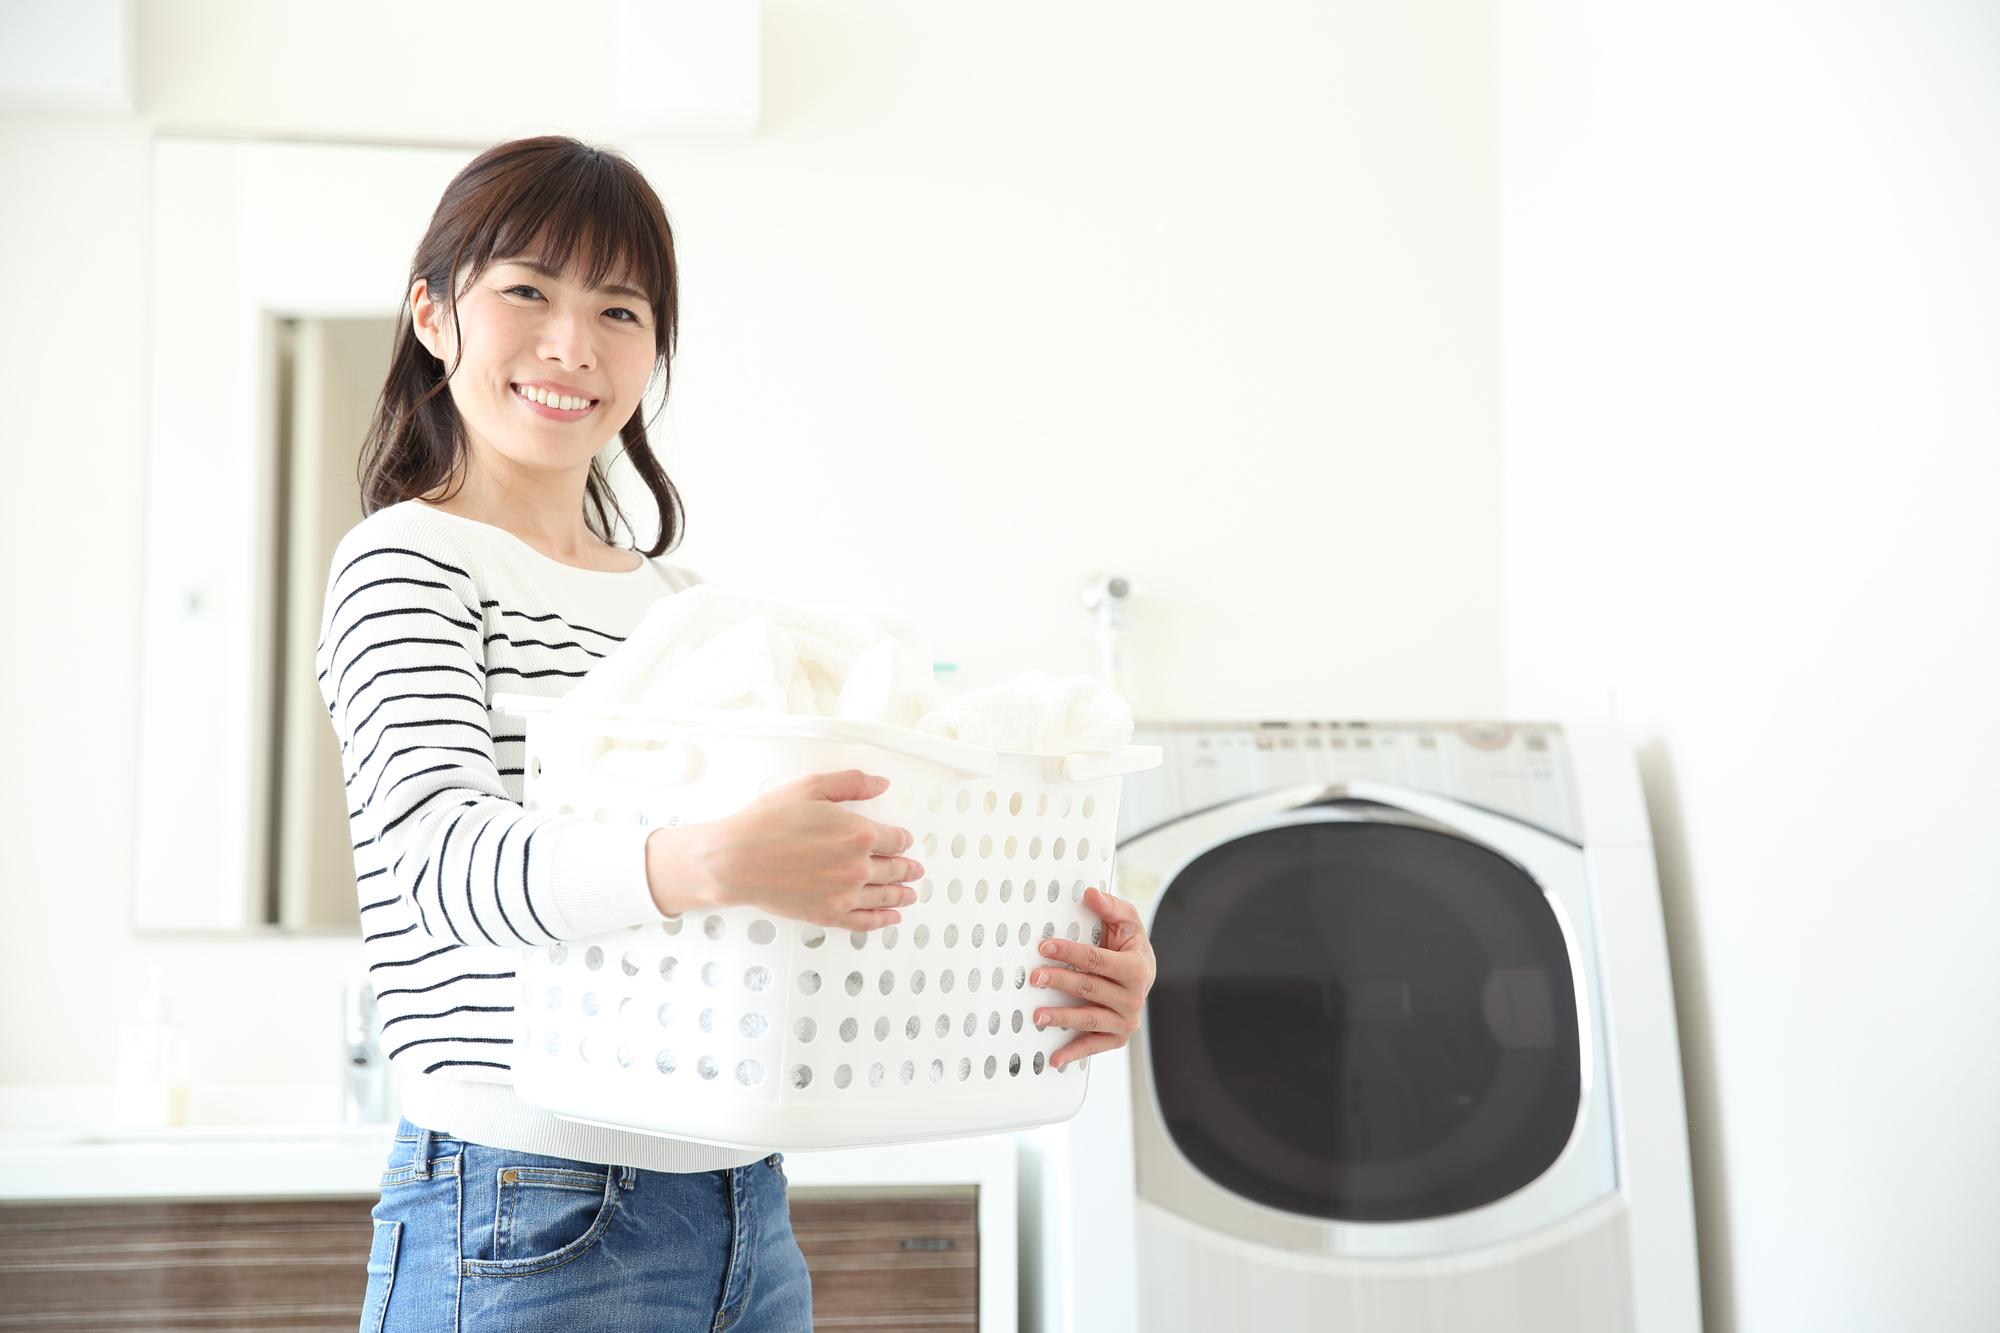 洗濯をする女性のイメージ写真